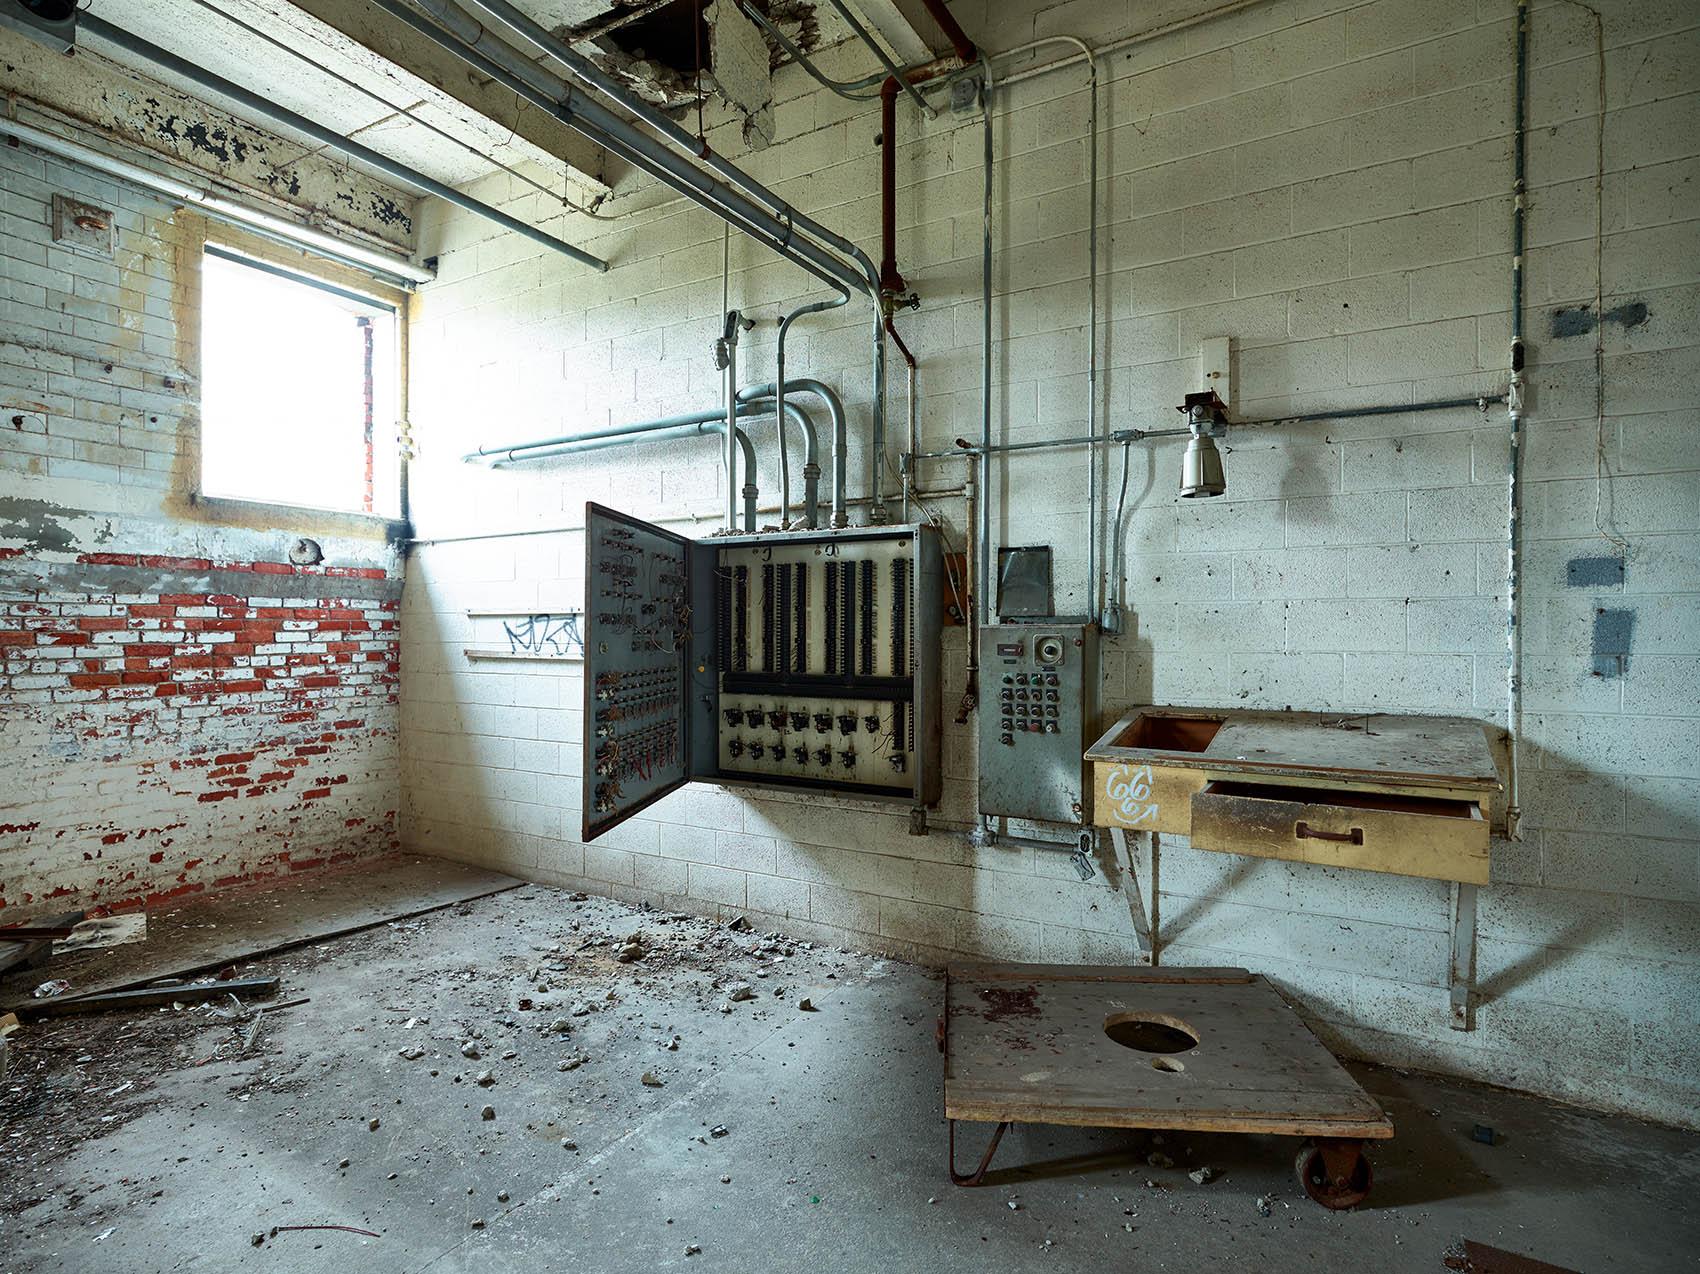 abandoned architecture silo city interior buffalo ny